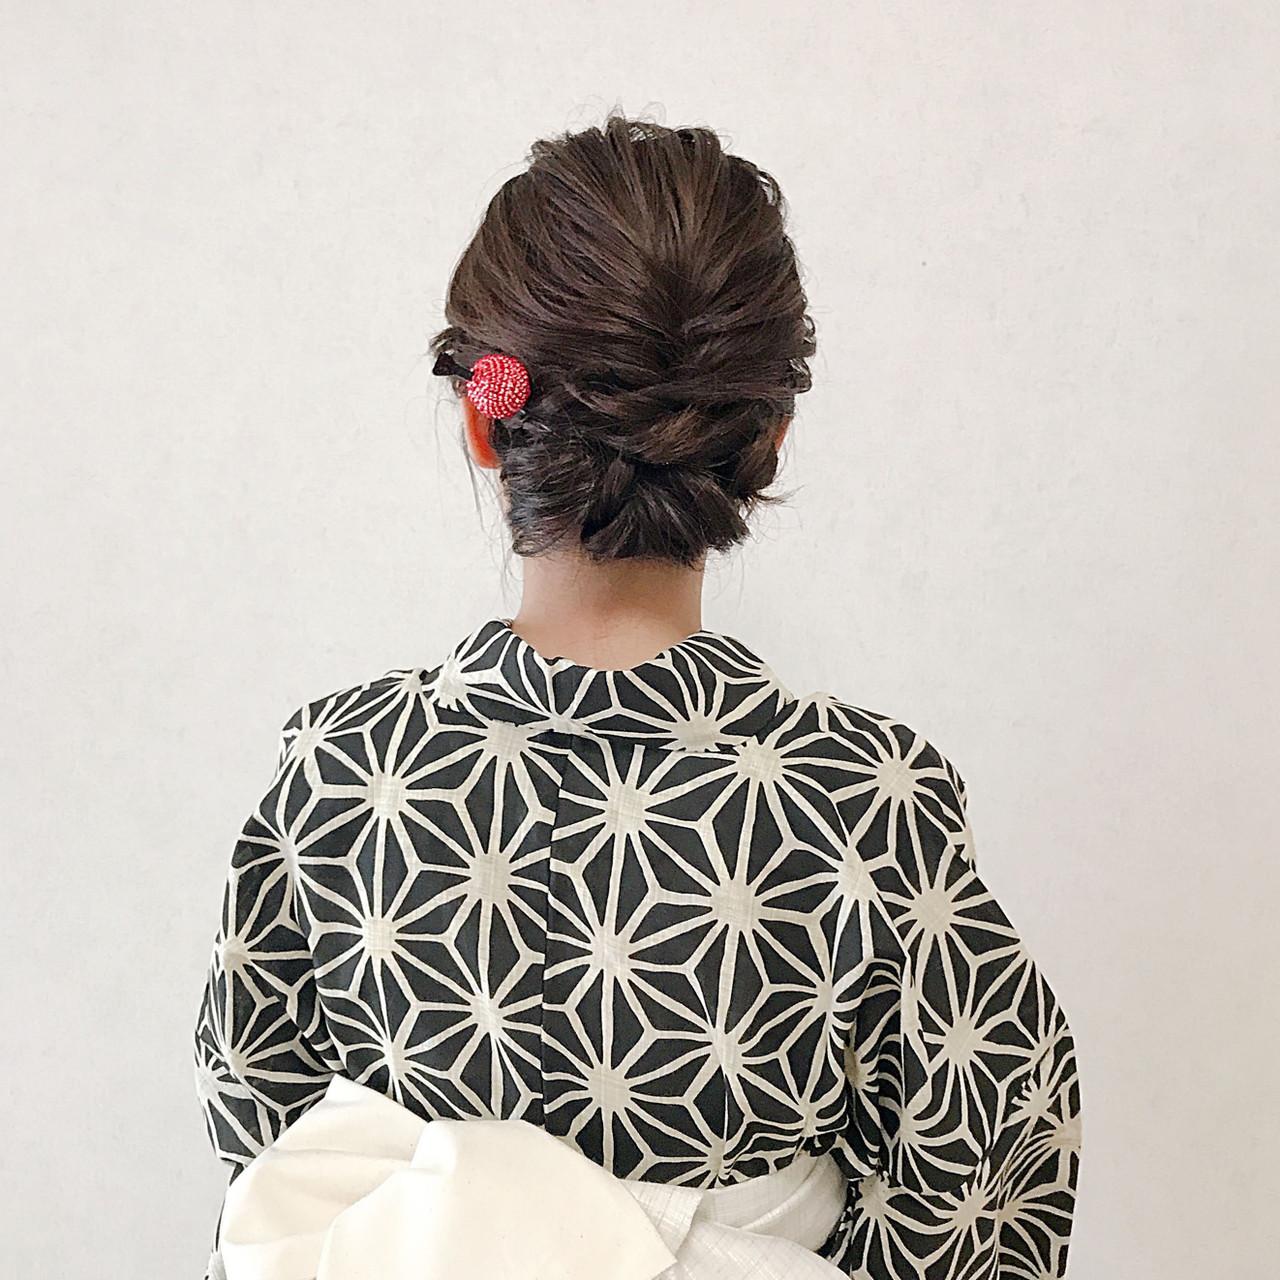 簡単ヘアアレンジ エレガント 結婚式 ミディアム ヘアスタイルや髪型の写真・画像